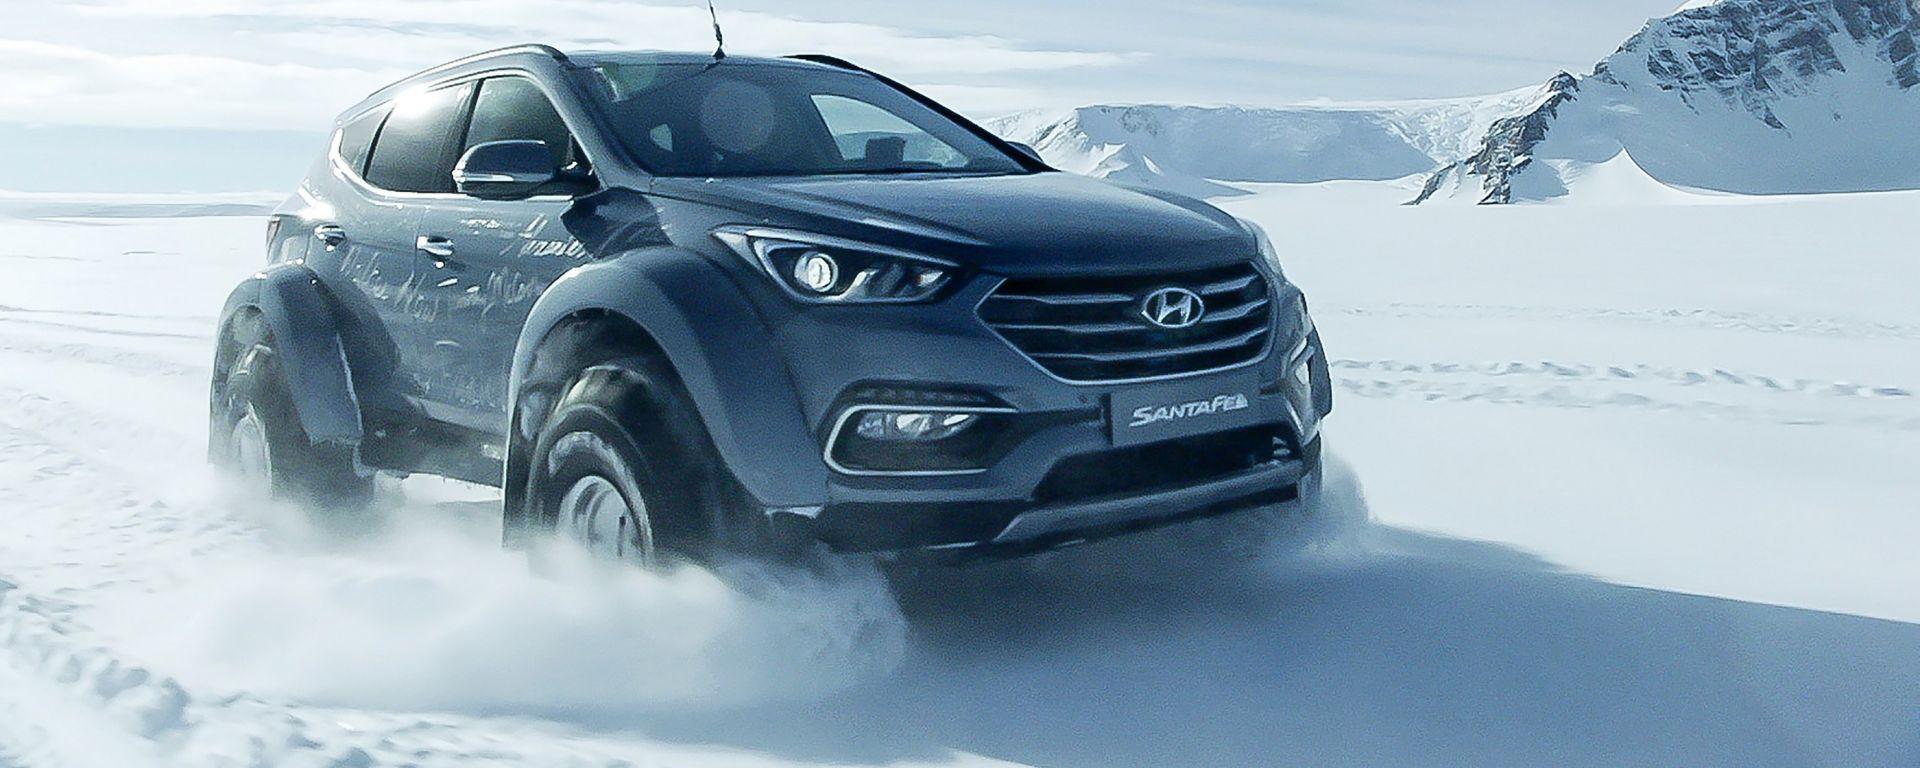 Hyundai Santa Fe in Antartide: il suv coreano è la prima auto nella storia a compiere la traversata antartica